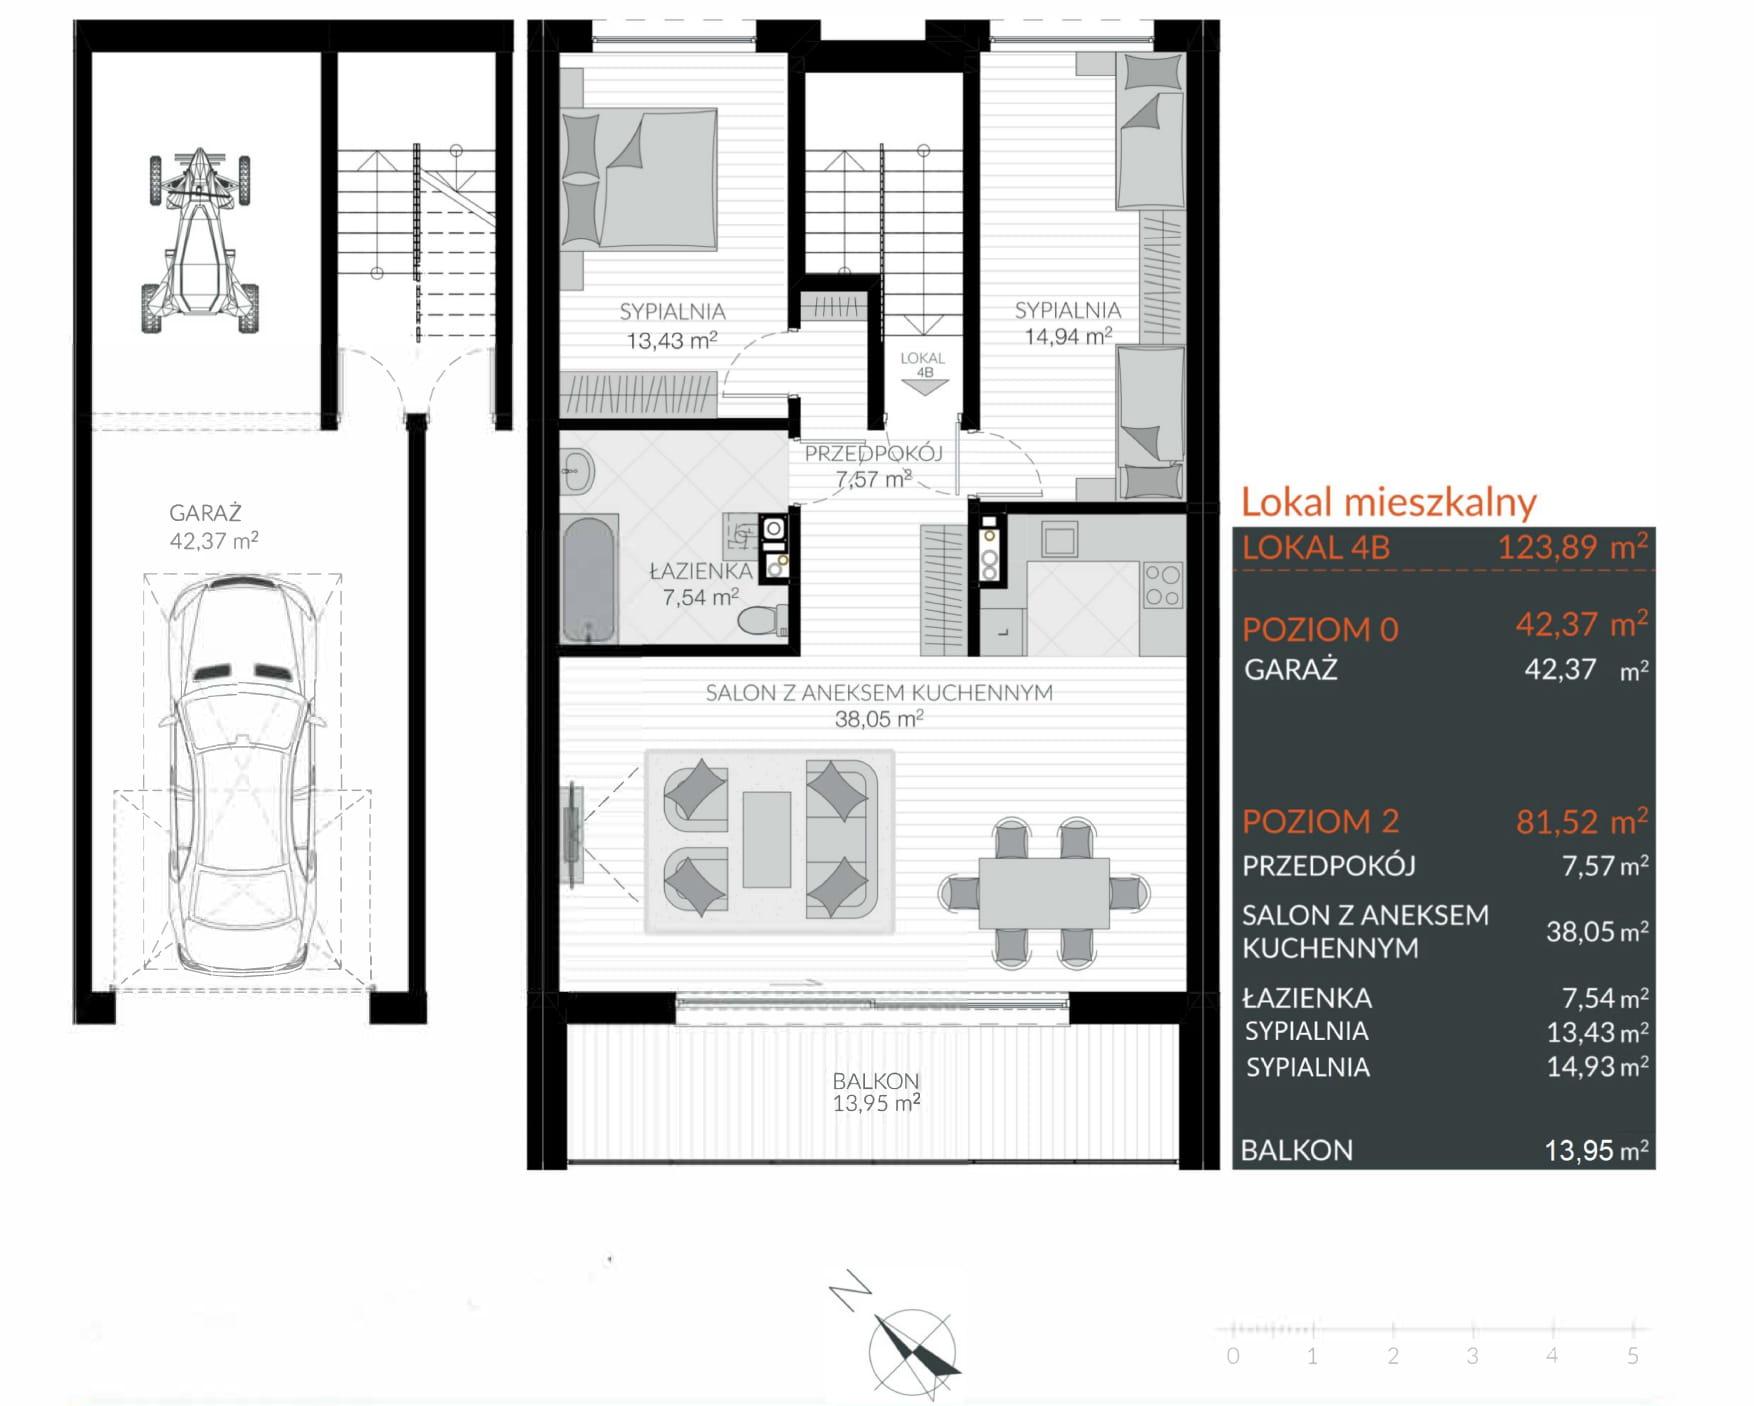 Apartamenty Kamienna / apartamenty inwestycyjne 4B rzut 1